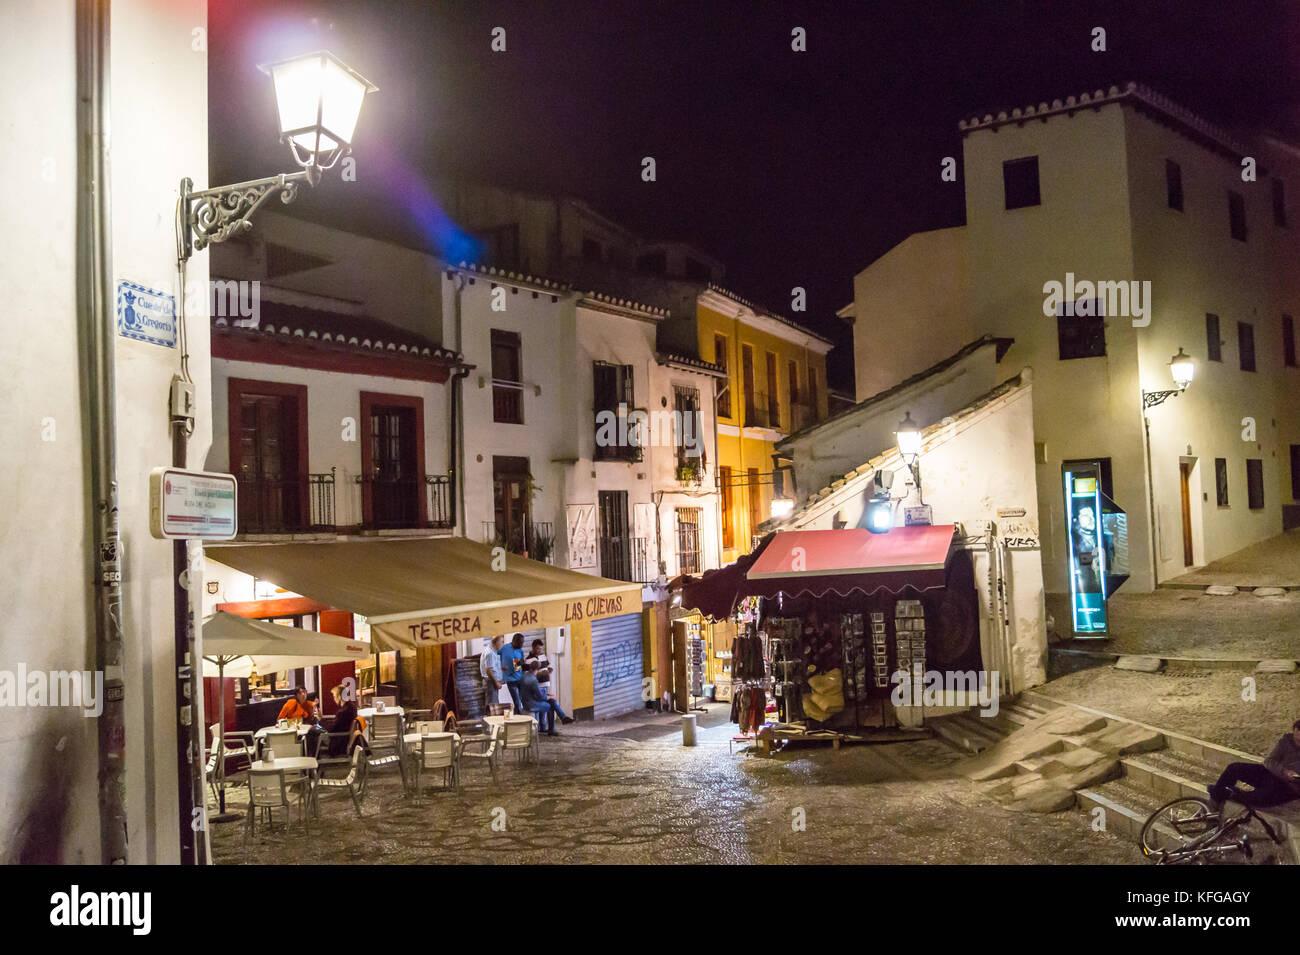 Teteria Las Cuevas, traditional tea shop, by night, Plaza San Gregorio, Albaicìn, Granada, Andalucia, Spain Stock Photo